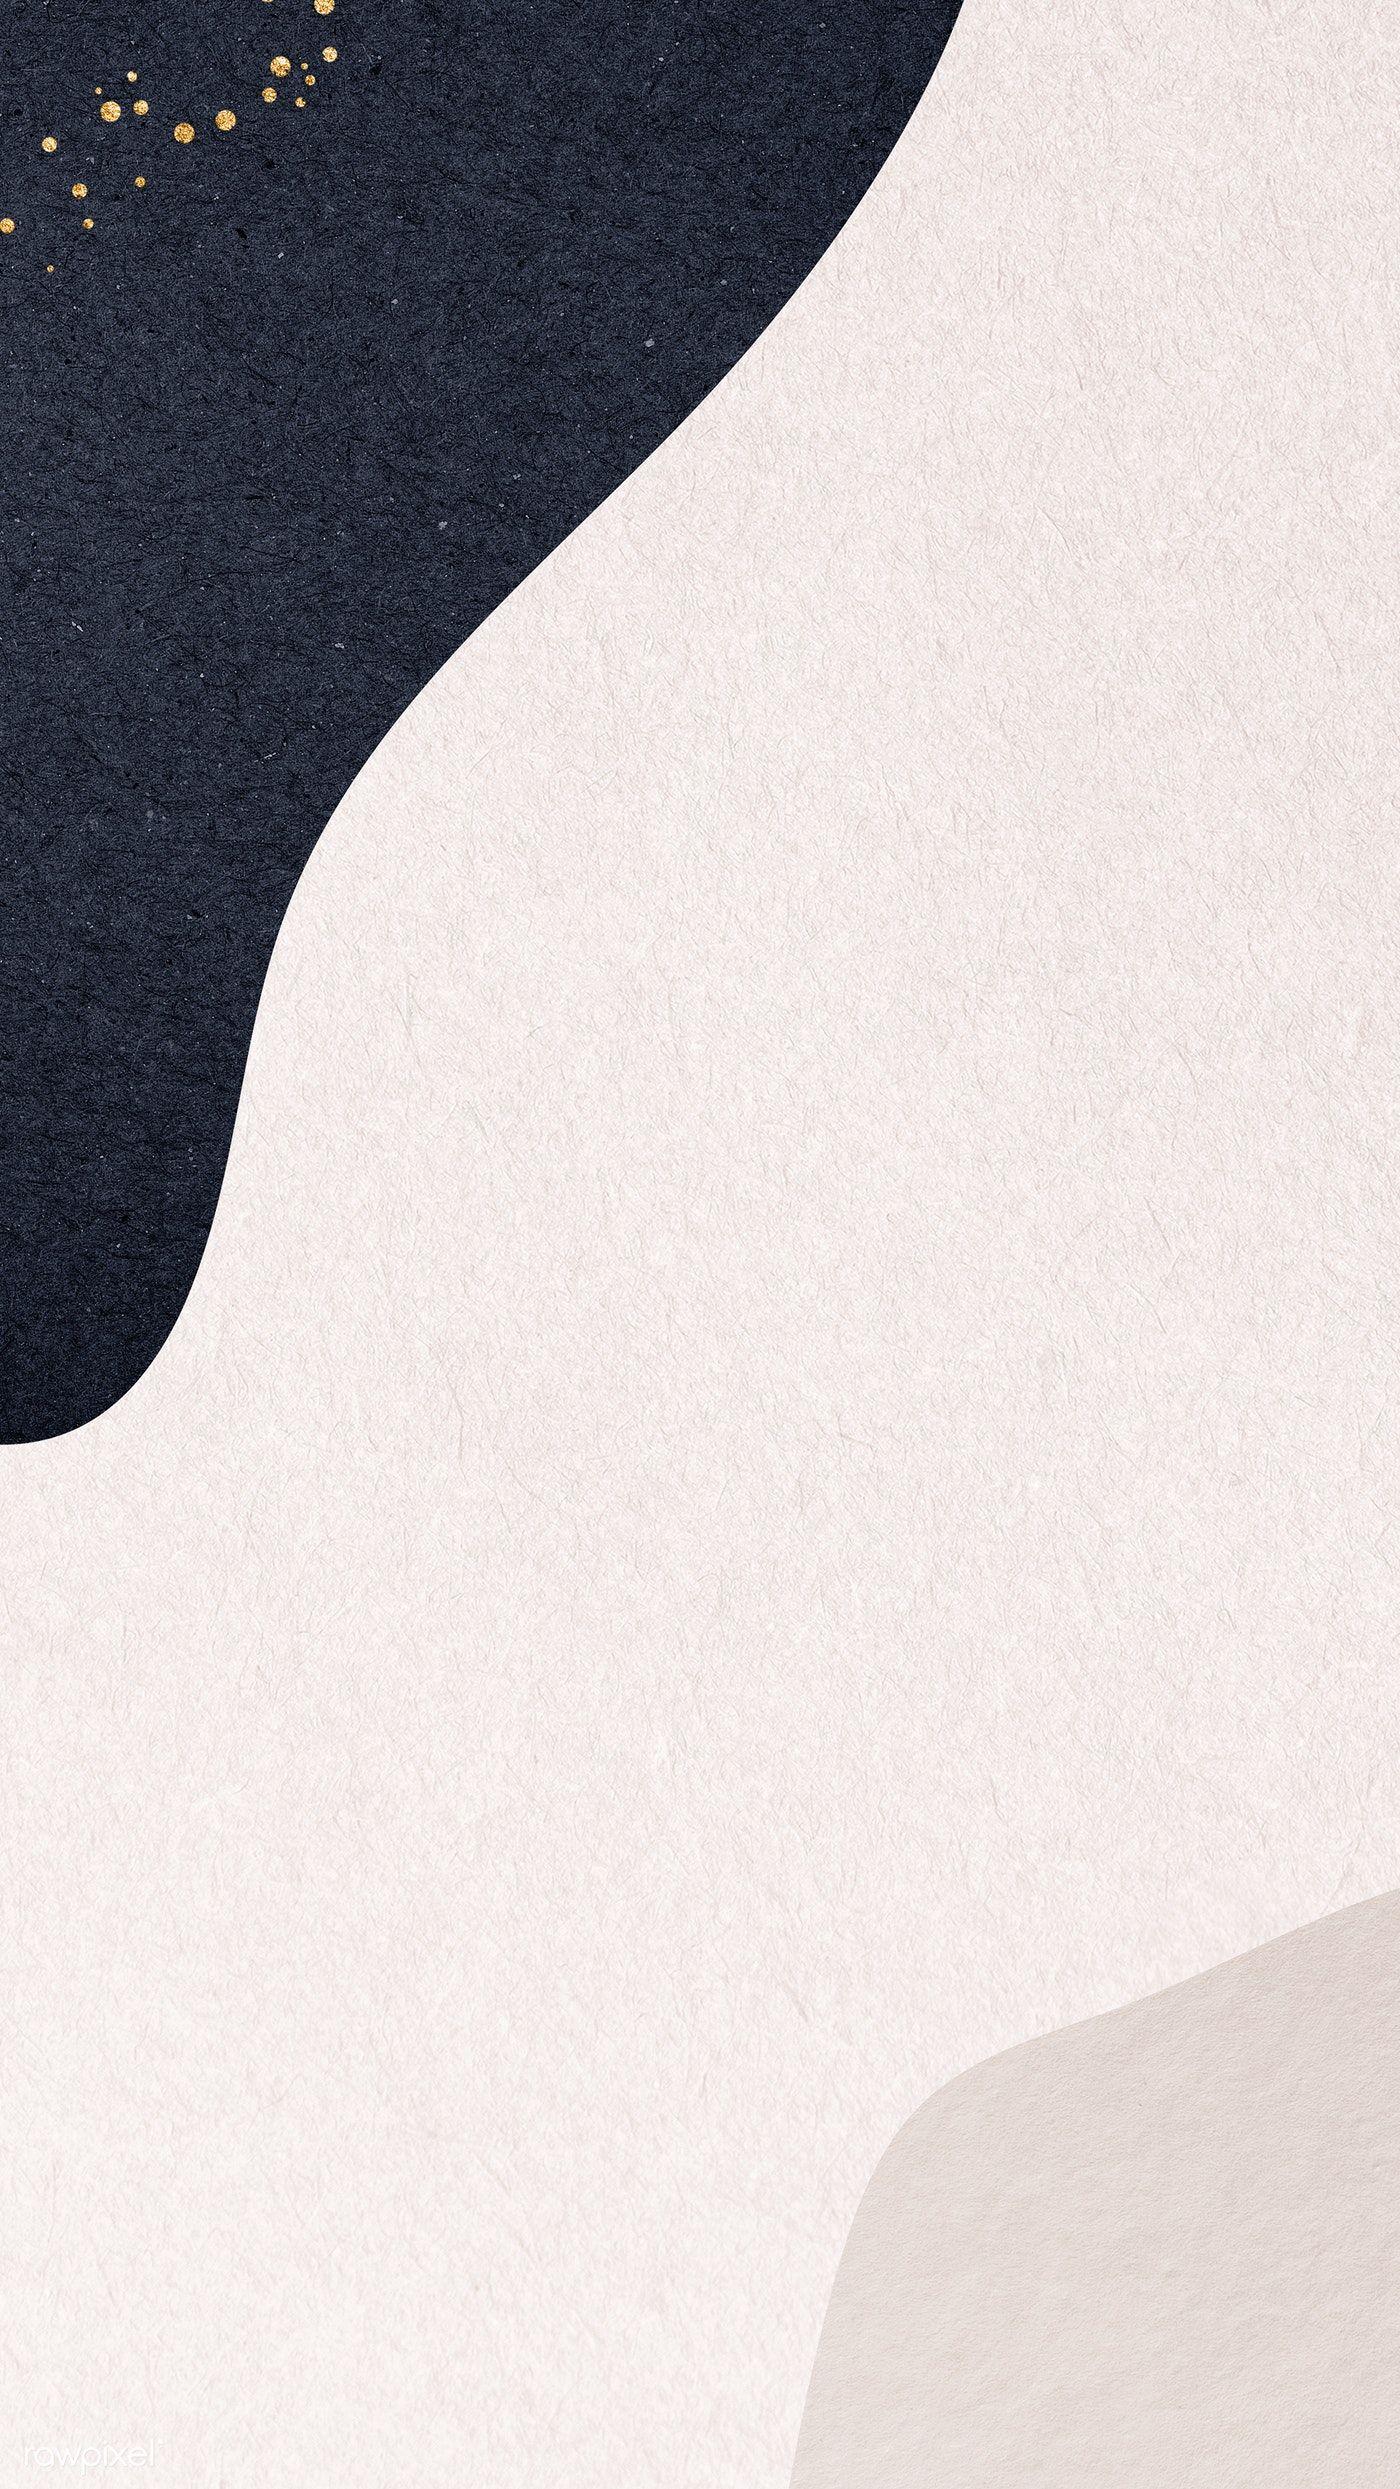 Download premium illustration of Blue patterned on beige background